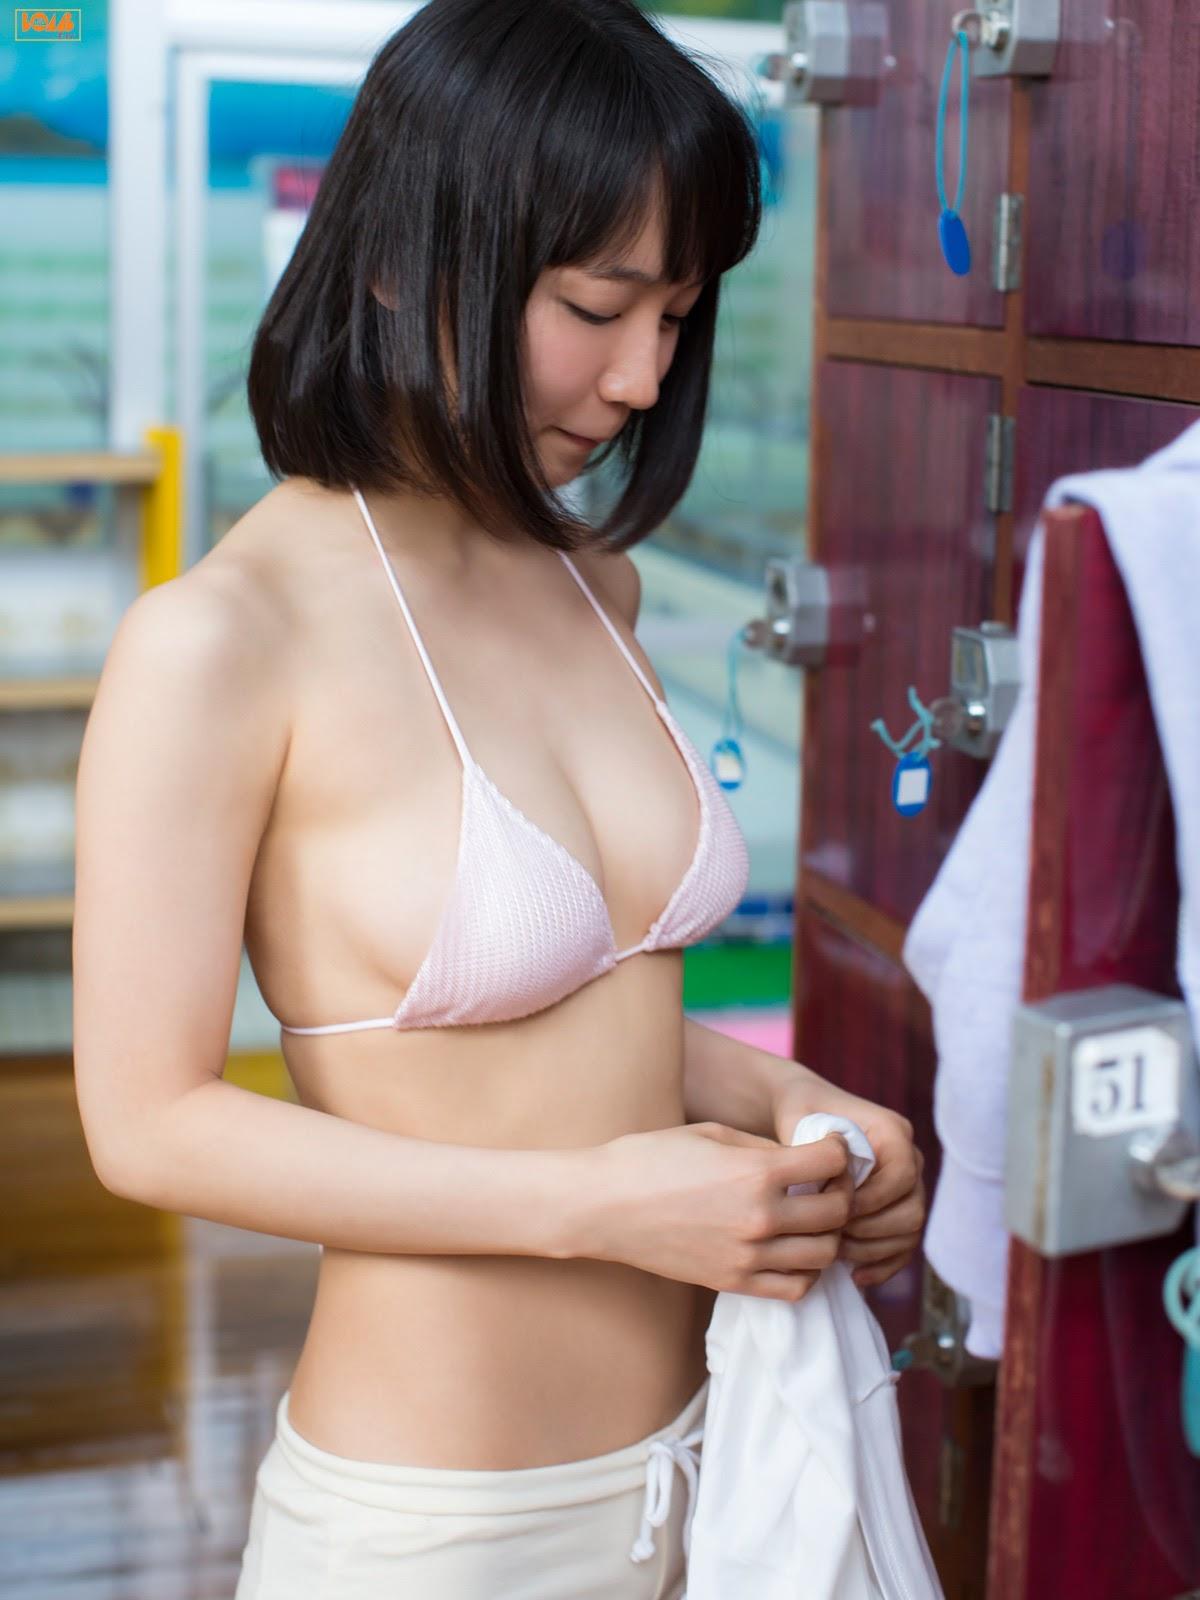 Valuable swimsuit gravure by Yoshiokari013